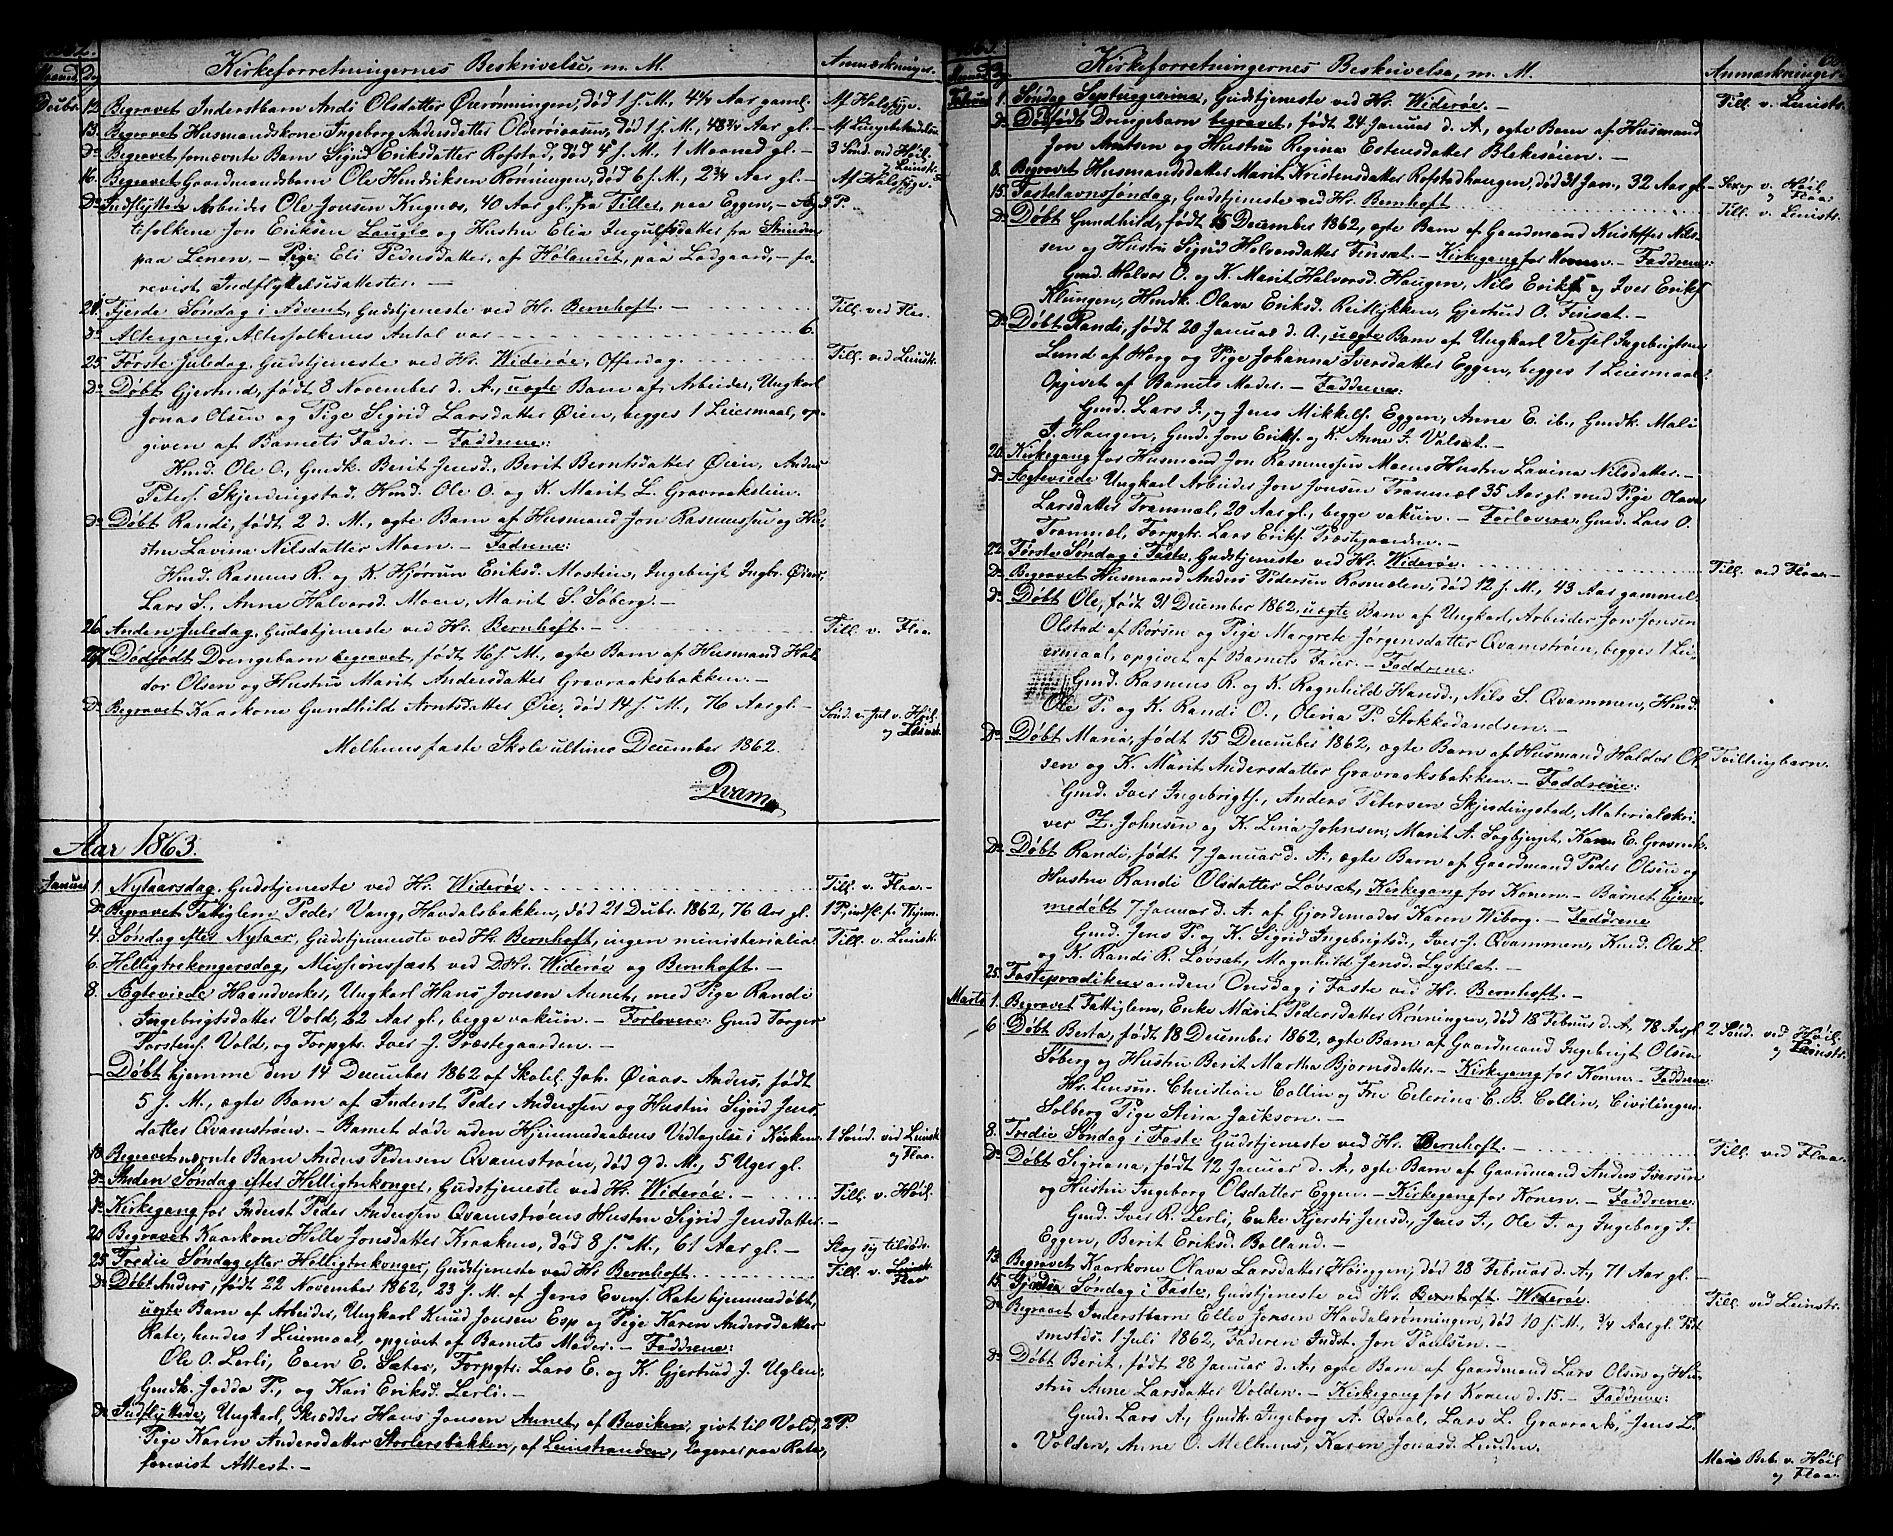 SAT, Ministerialprotokoller, klokkerbøker og fødselsregistre - Sør-Trøndelag, 691/L1093: Klokkerbok nr. 691C04, 1852-1879, s. 68